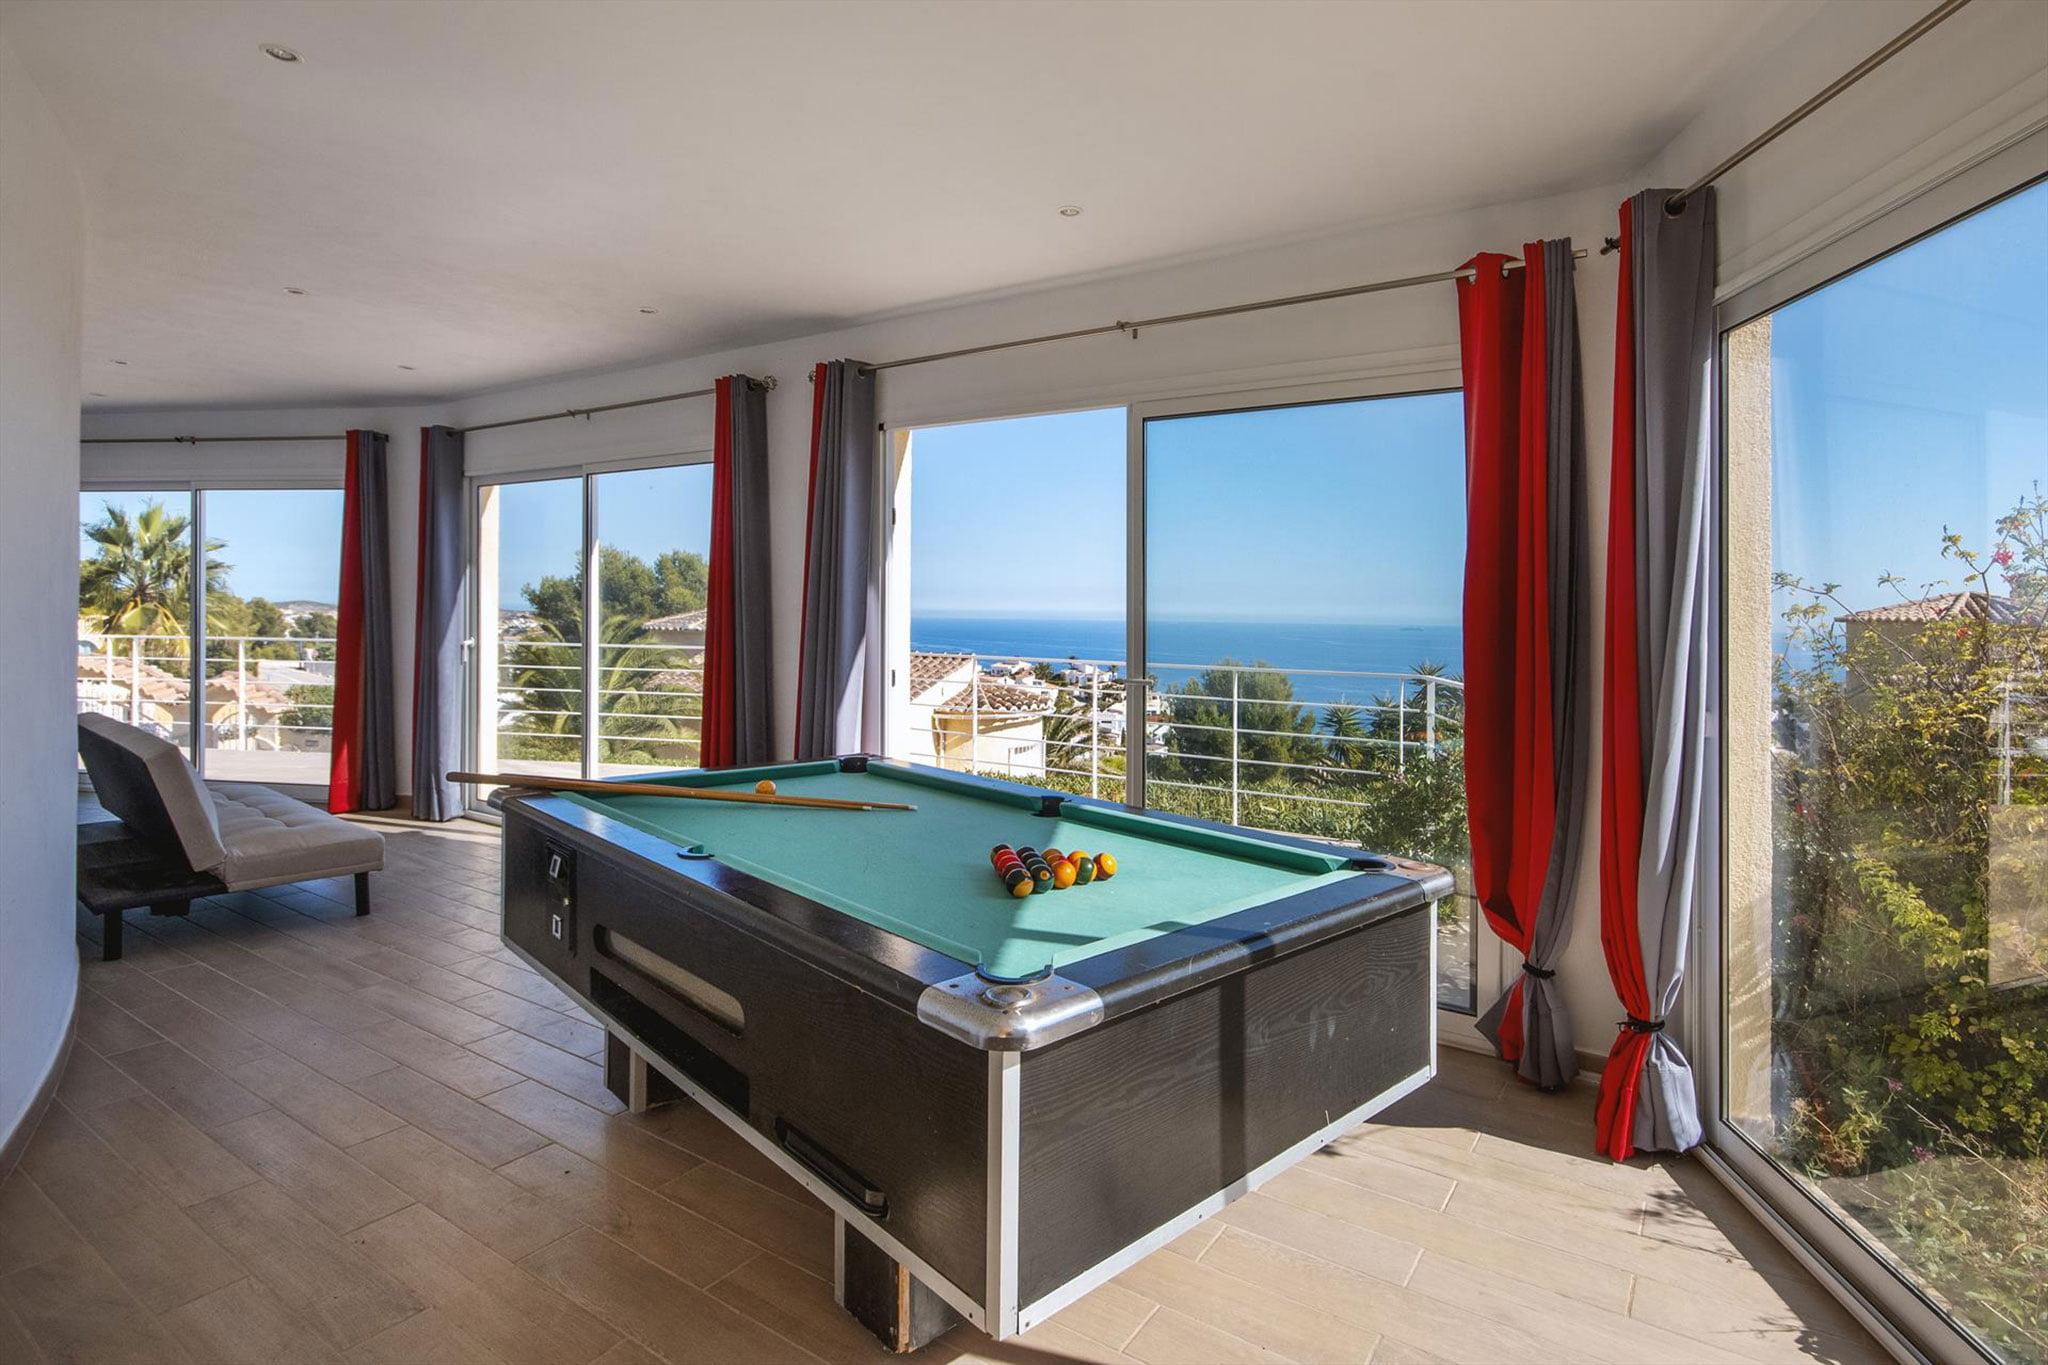 Sala de billar de una casa de alquiler de vacaciones en Benitachell – Aguila Rent a Villa